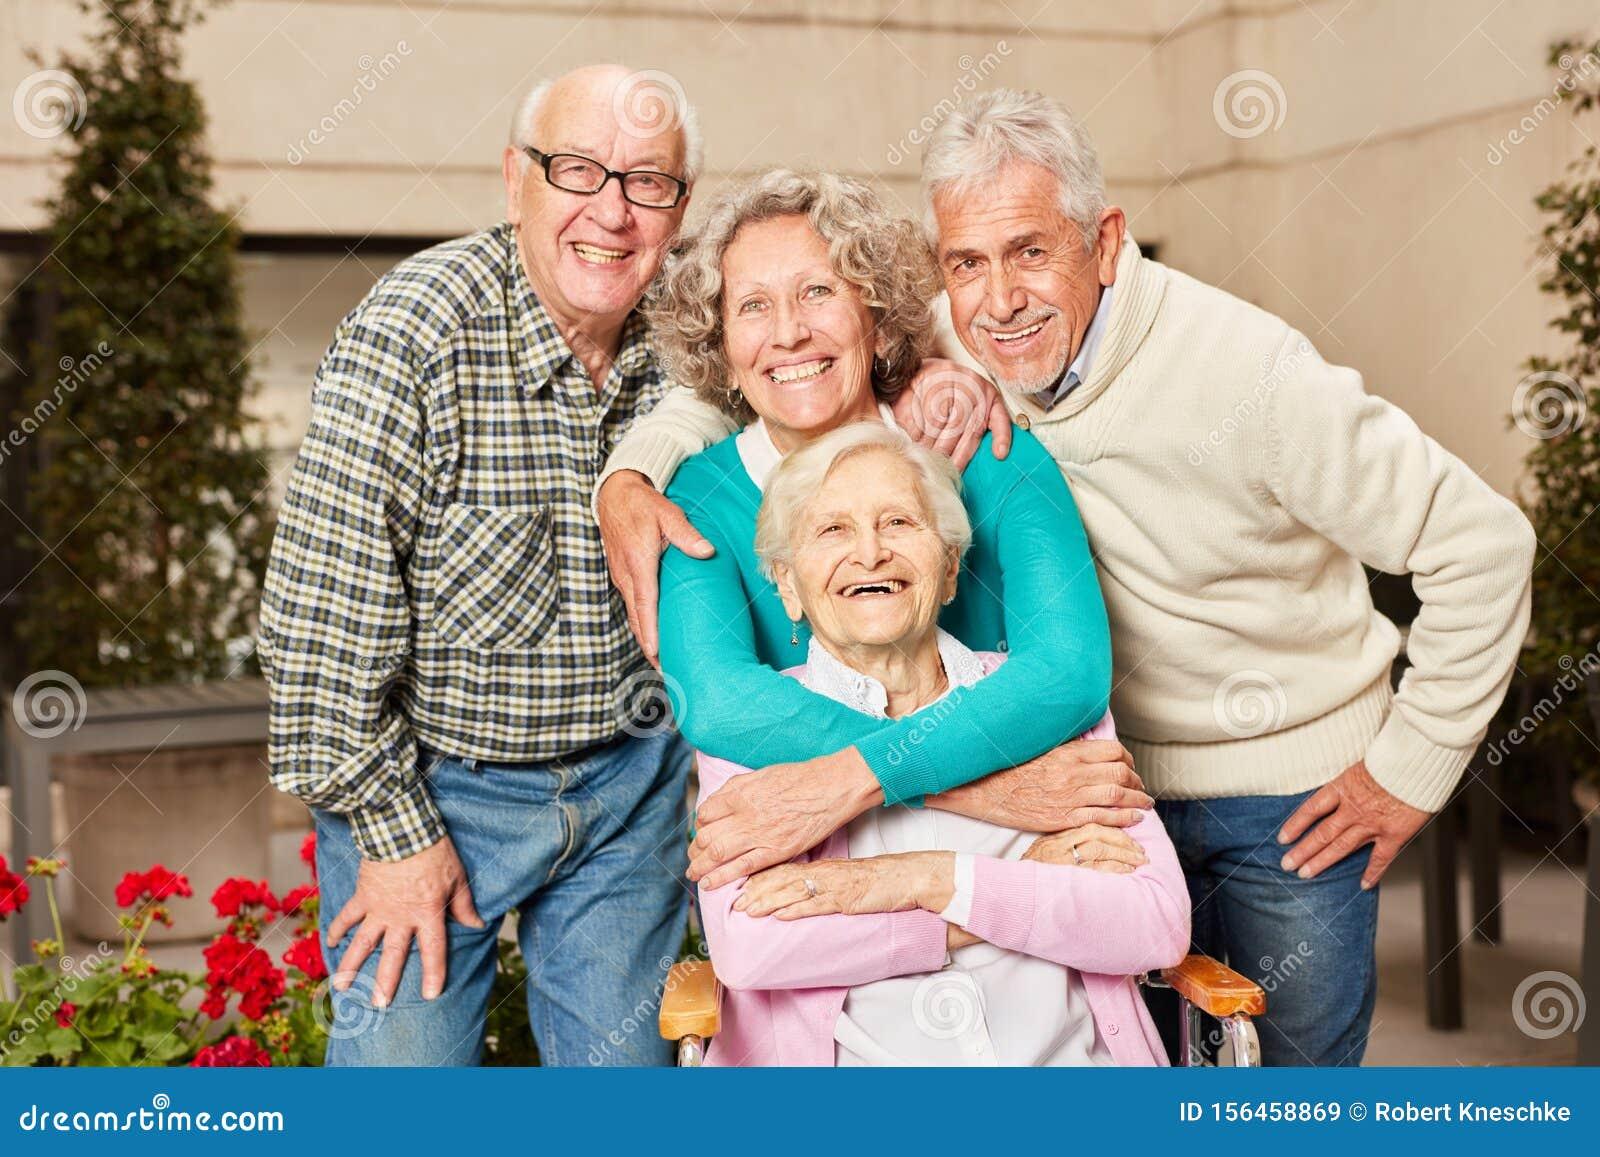 Where To Meet Italian Seniors In The Usa